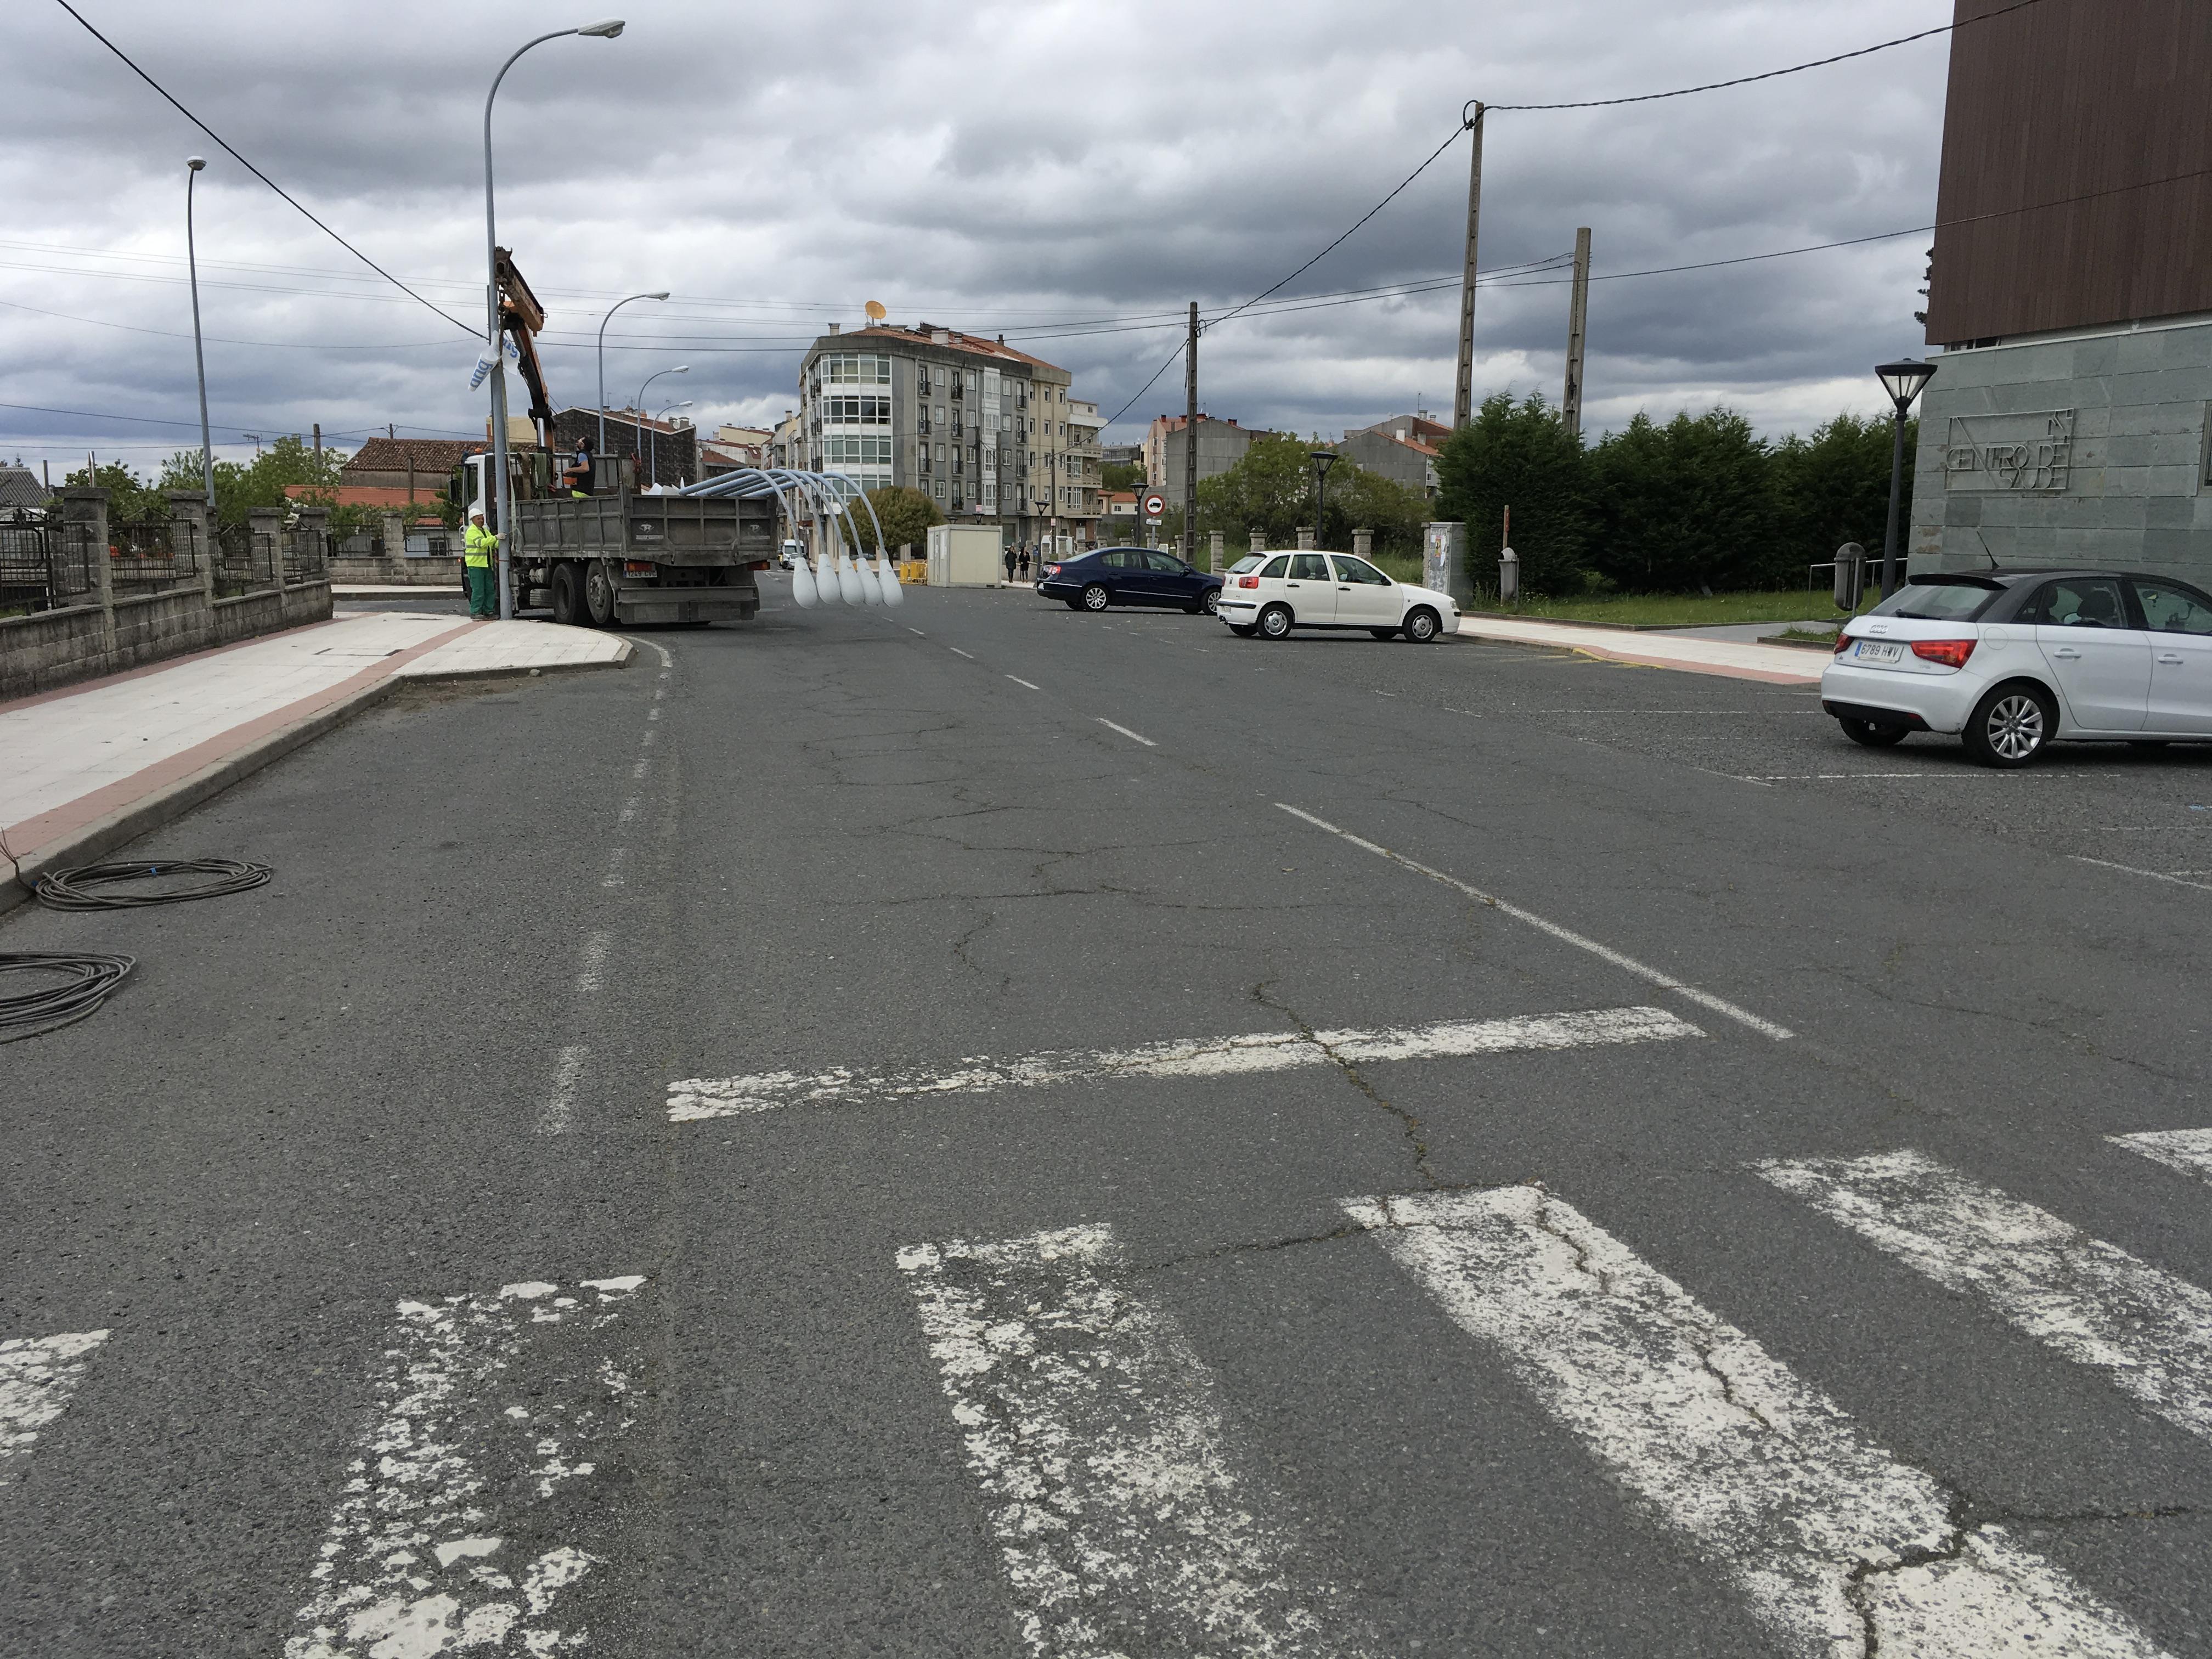 Comezan as obras de urbanización da rúa Chousa Nova de Silleda cunha inversión de case 500.000 euros a través de Depo Remse